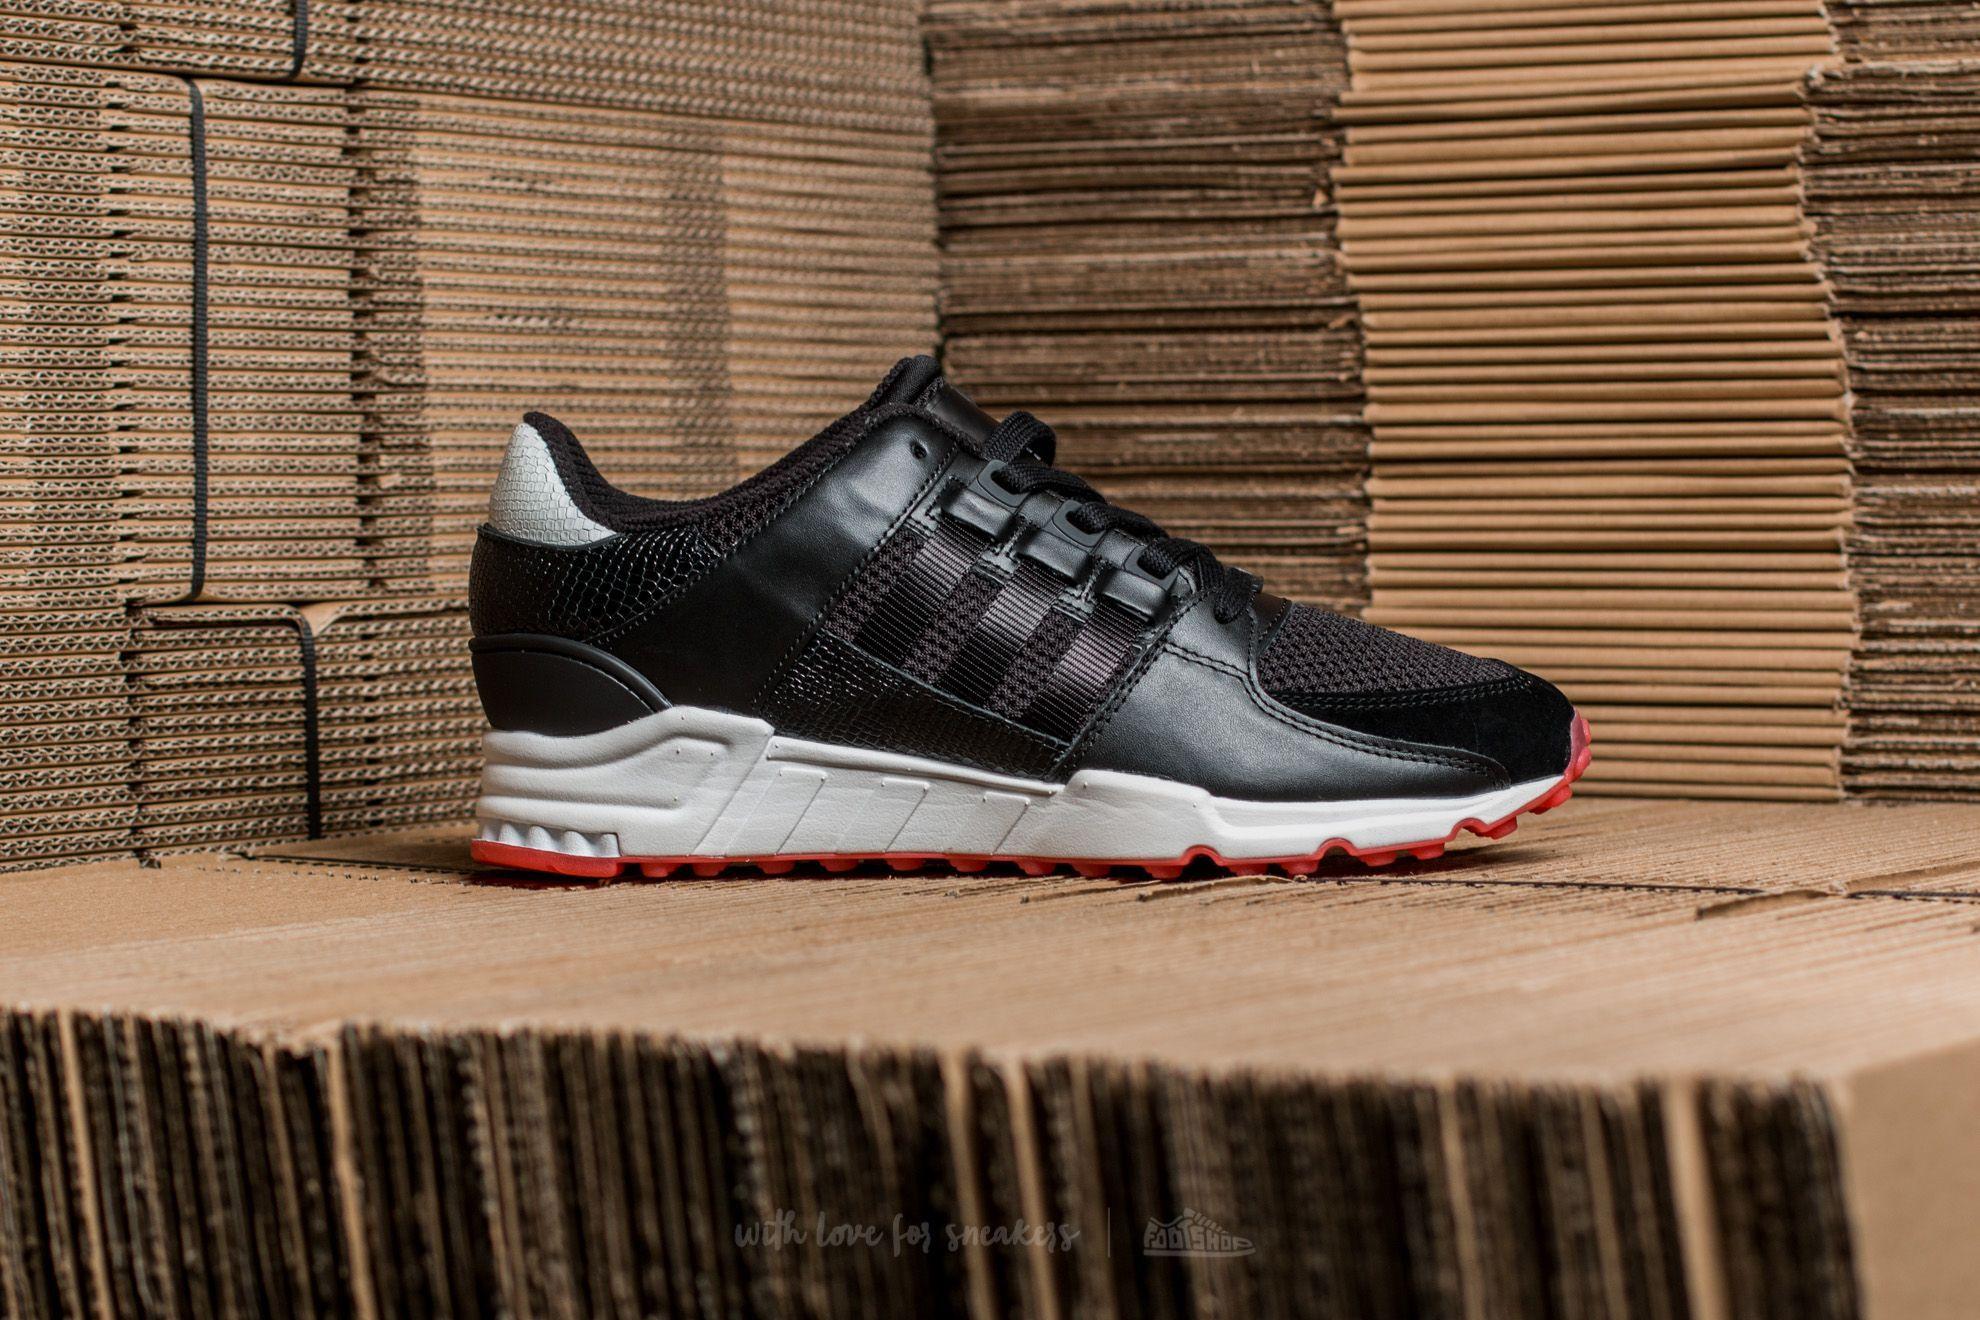 Cheap Adidas eqt support adv core blackturbo,Cheap Adidas